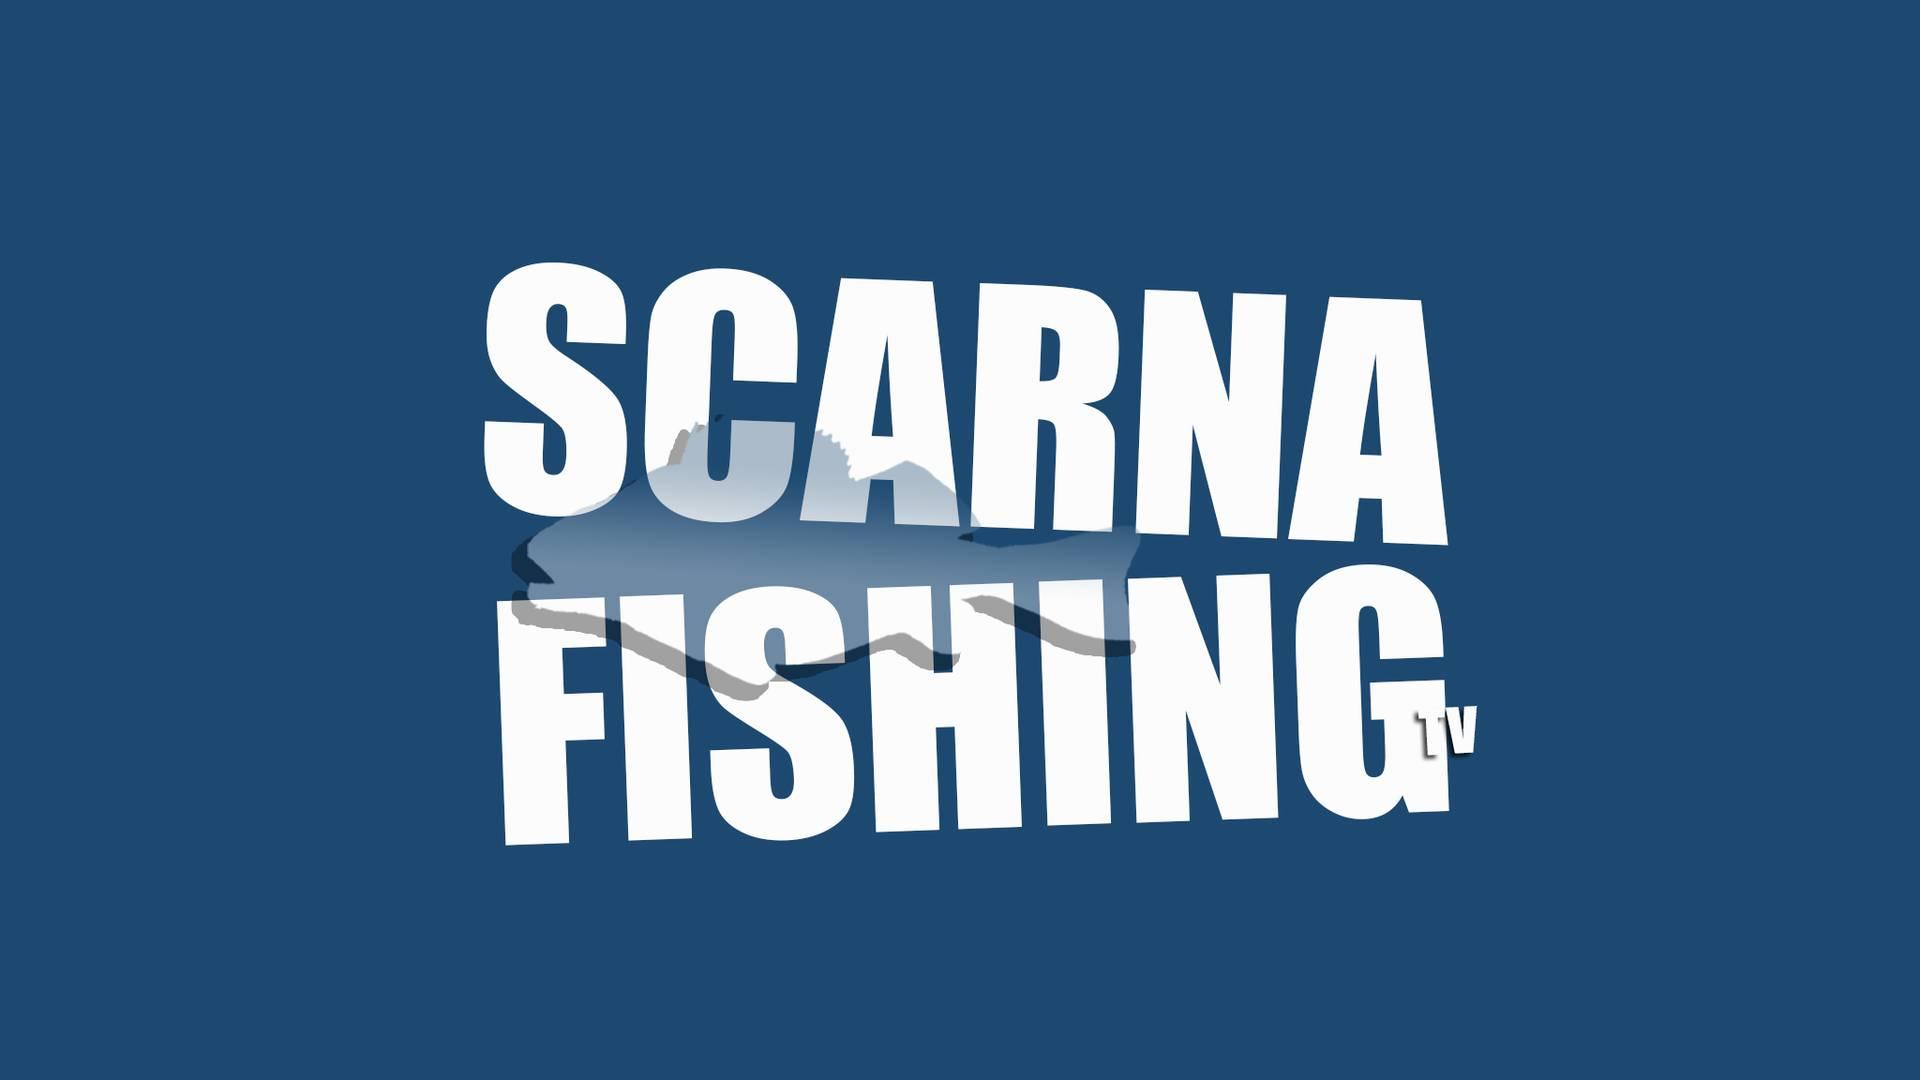 Logo de Scarna Fishing